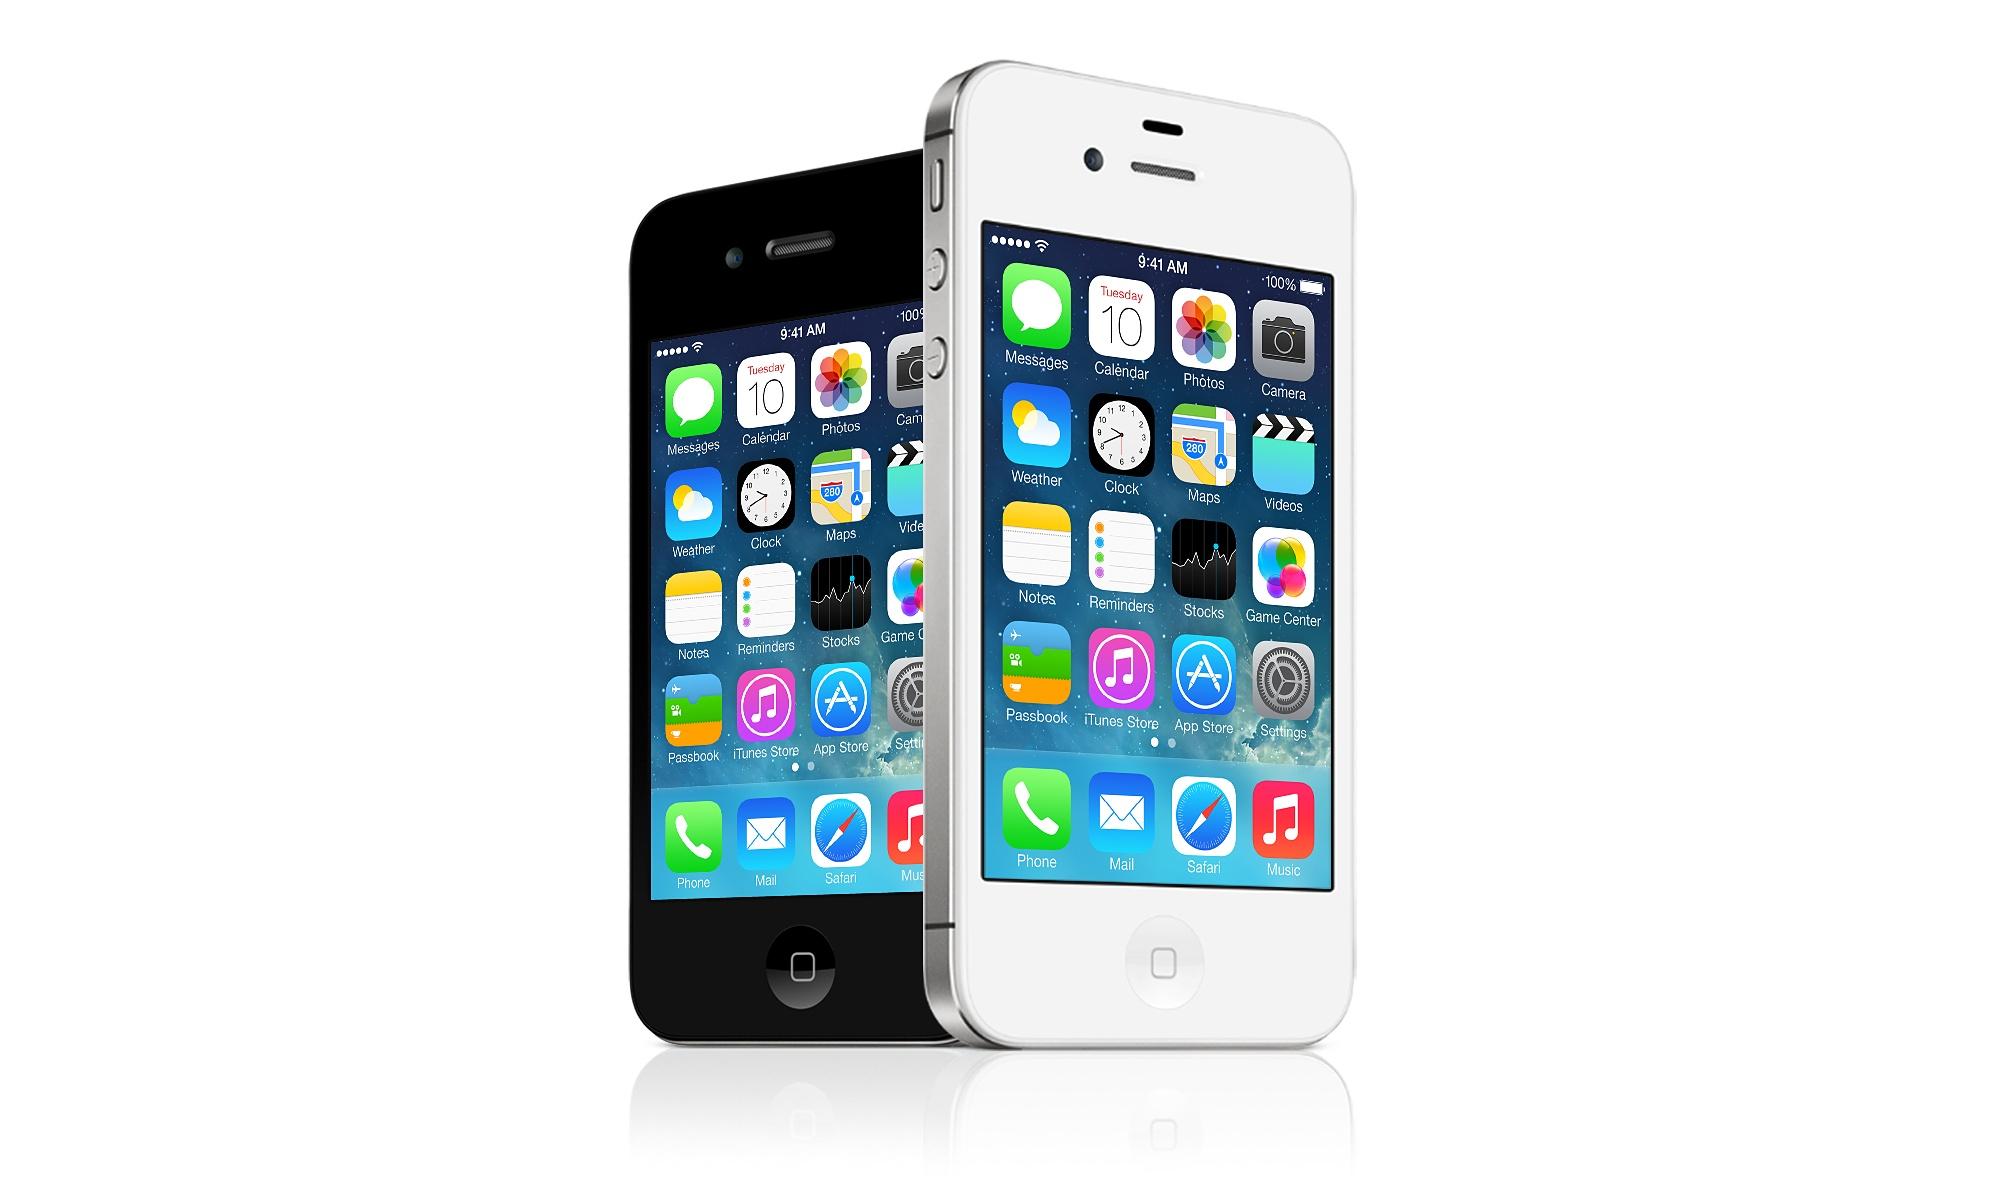 Разбор iPhone 4s: инструкция к действию